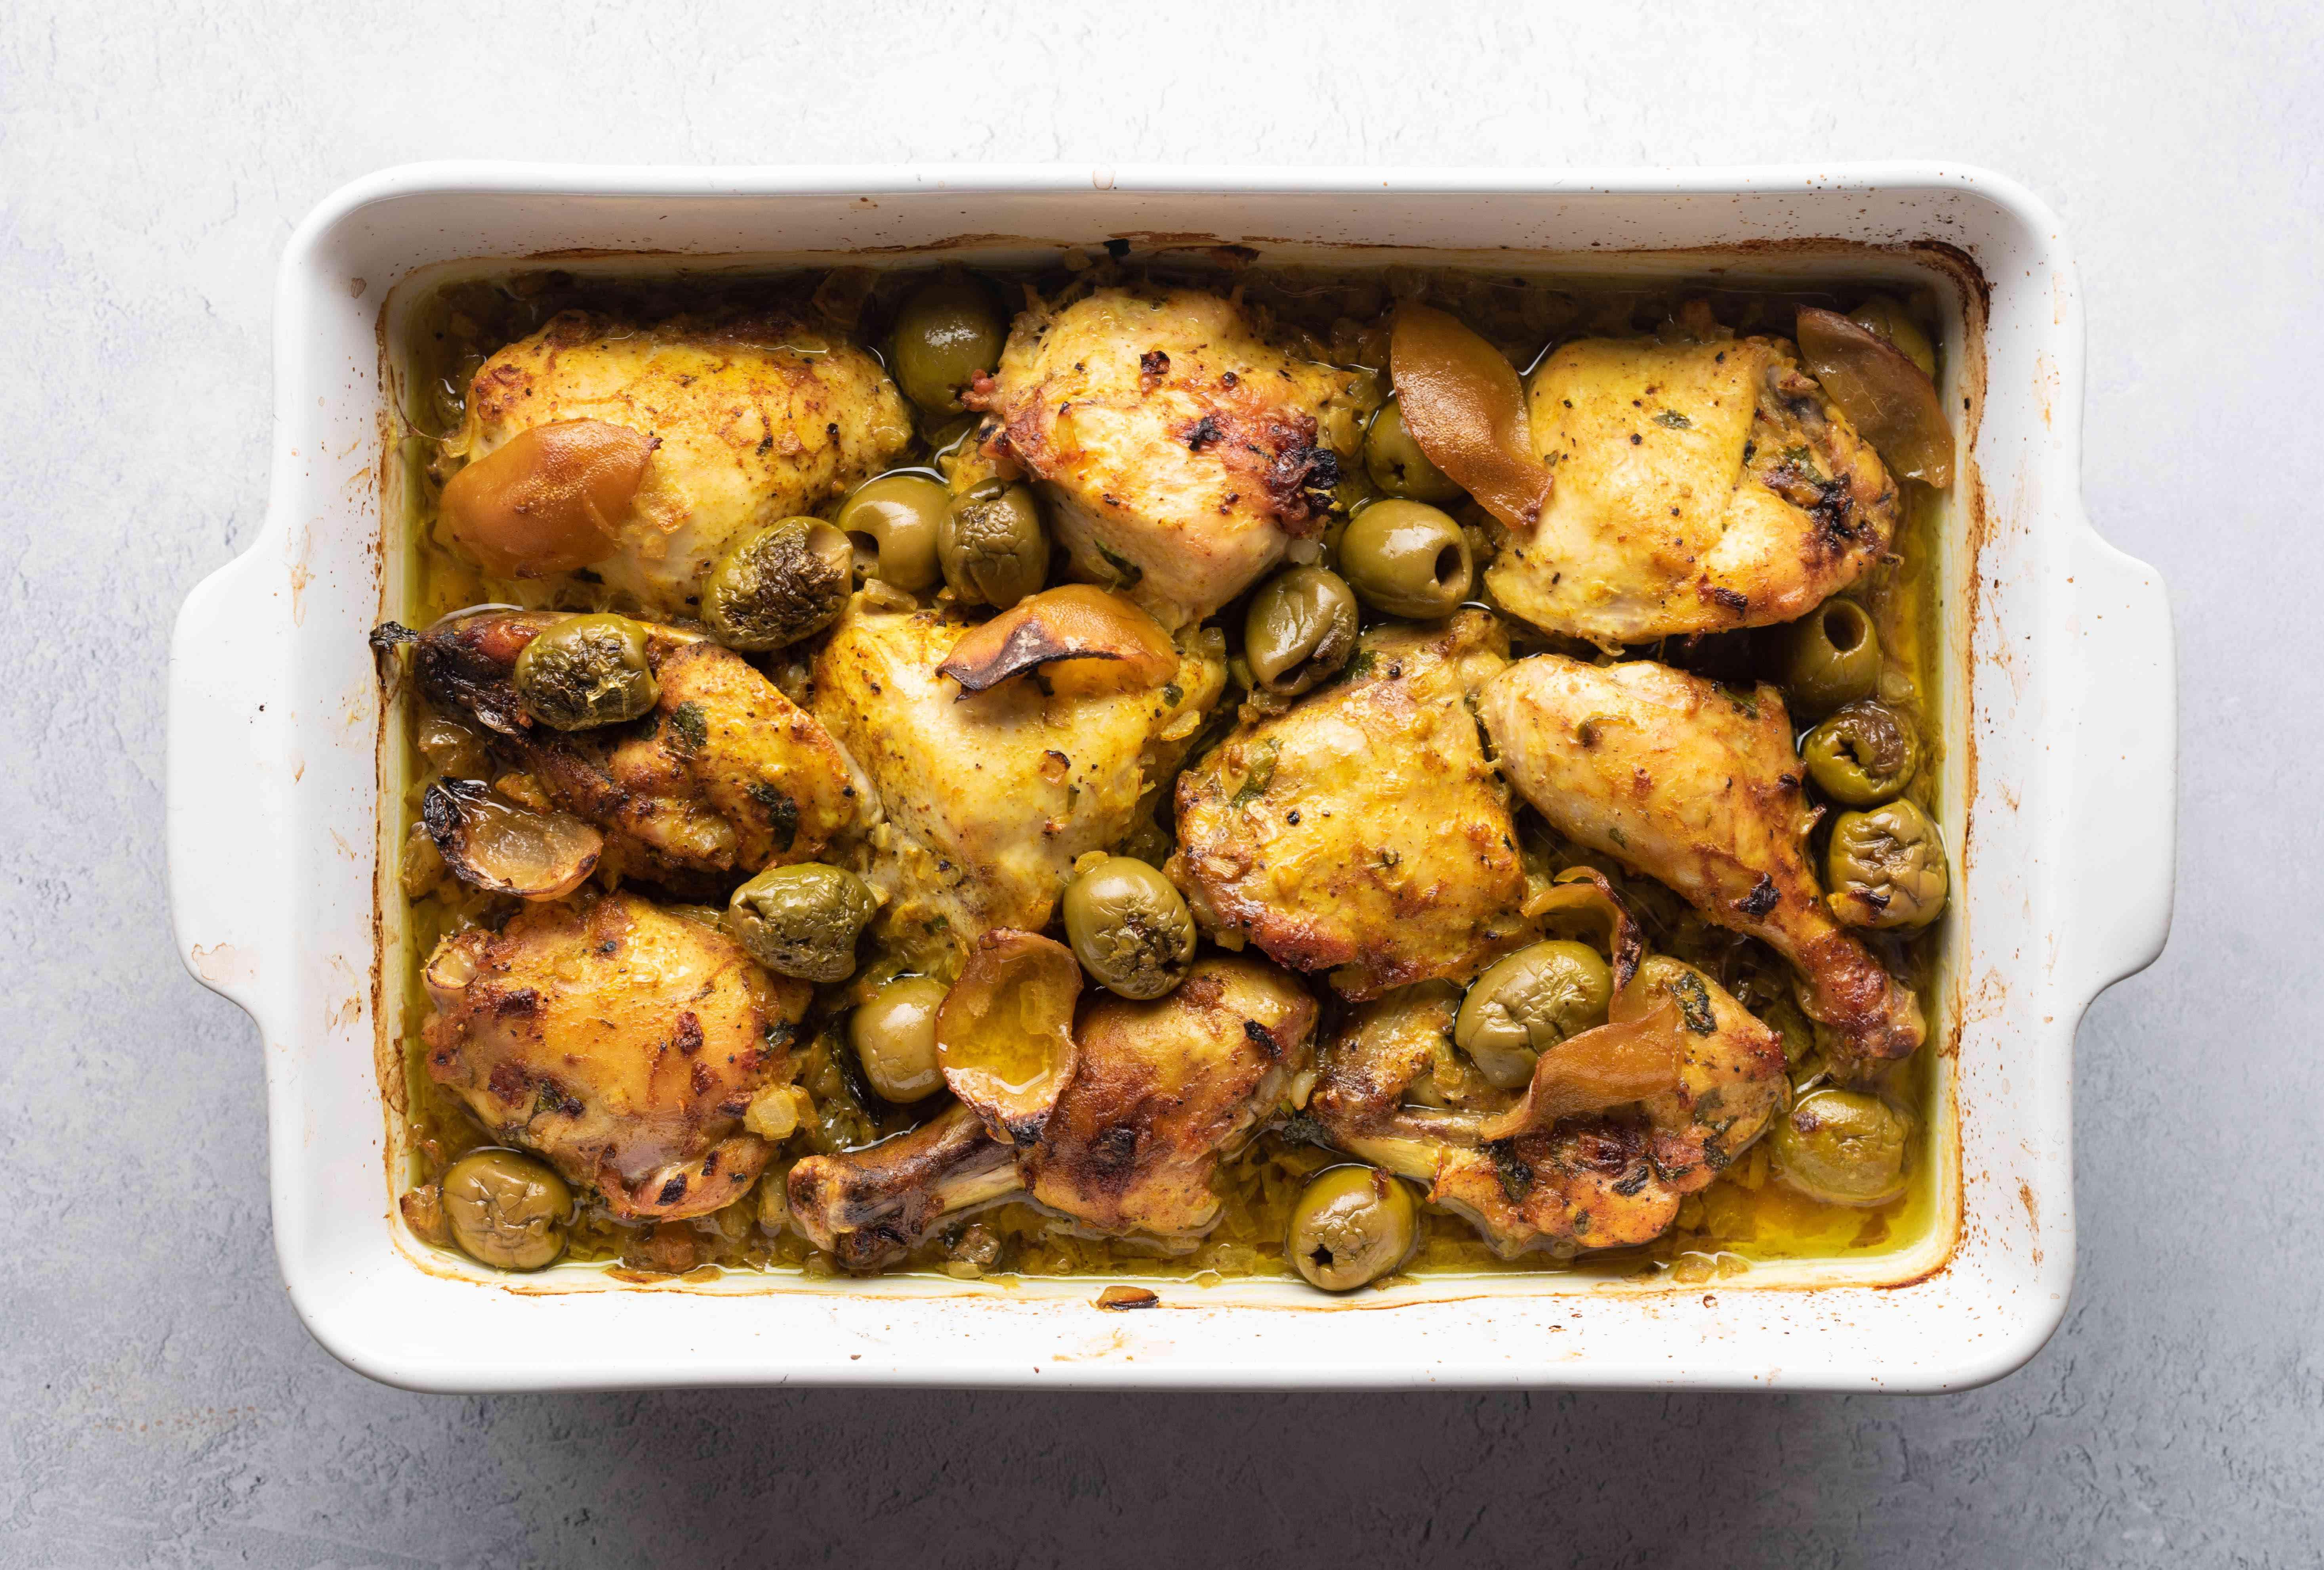 Basting chicken tagine